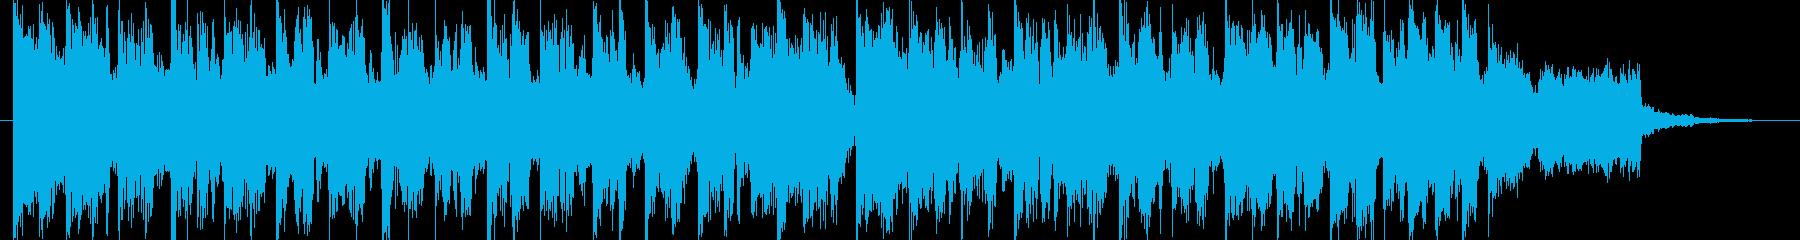 TikTok利用可 15秒EDMポップの再生済みの波形